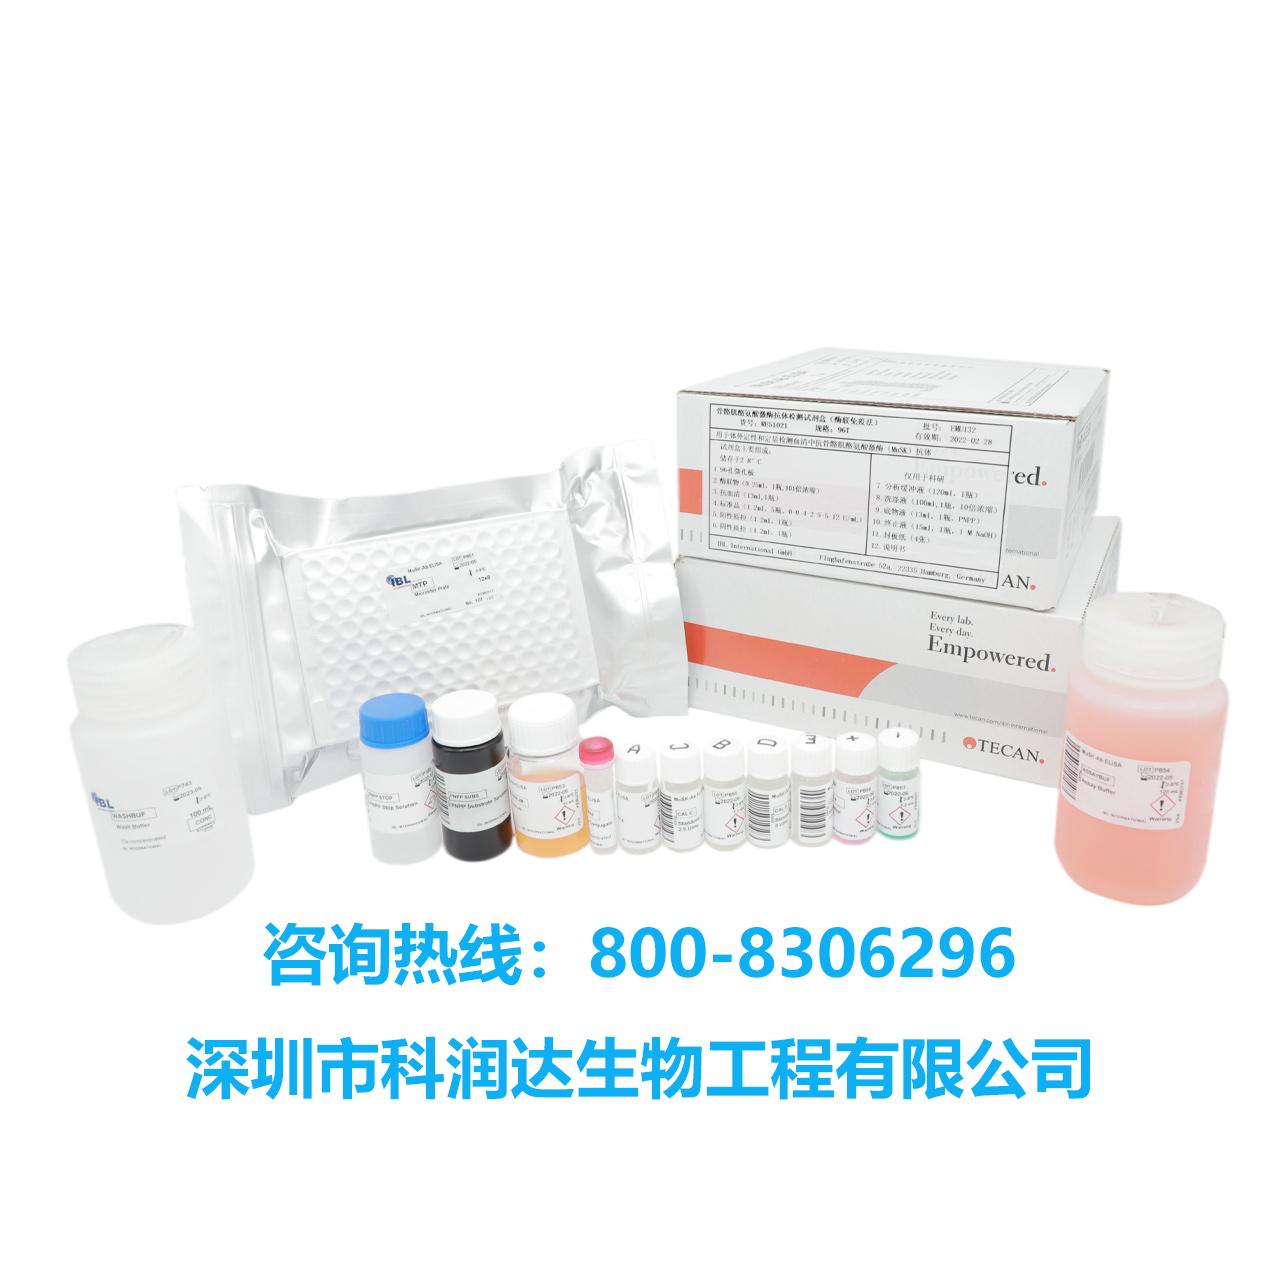 5-羟色胺试剂盒,帝肯试剂盒